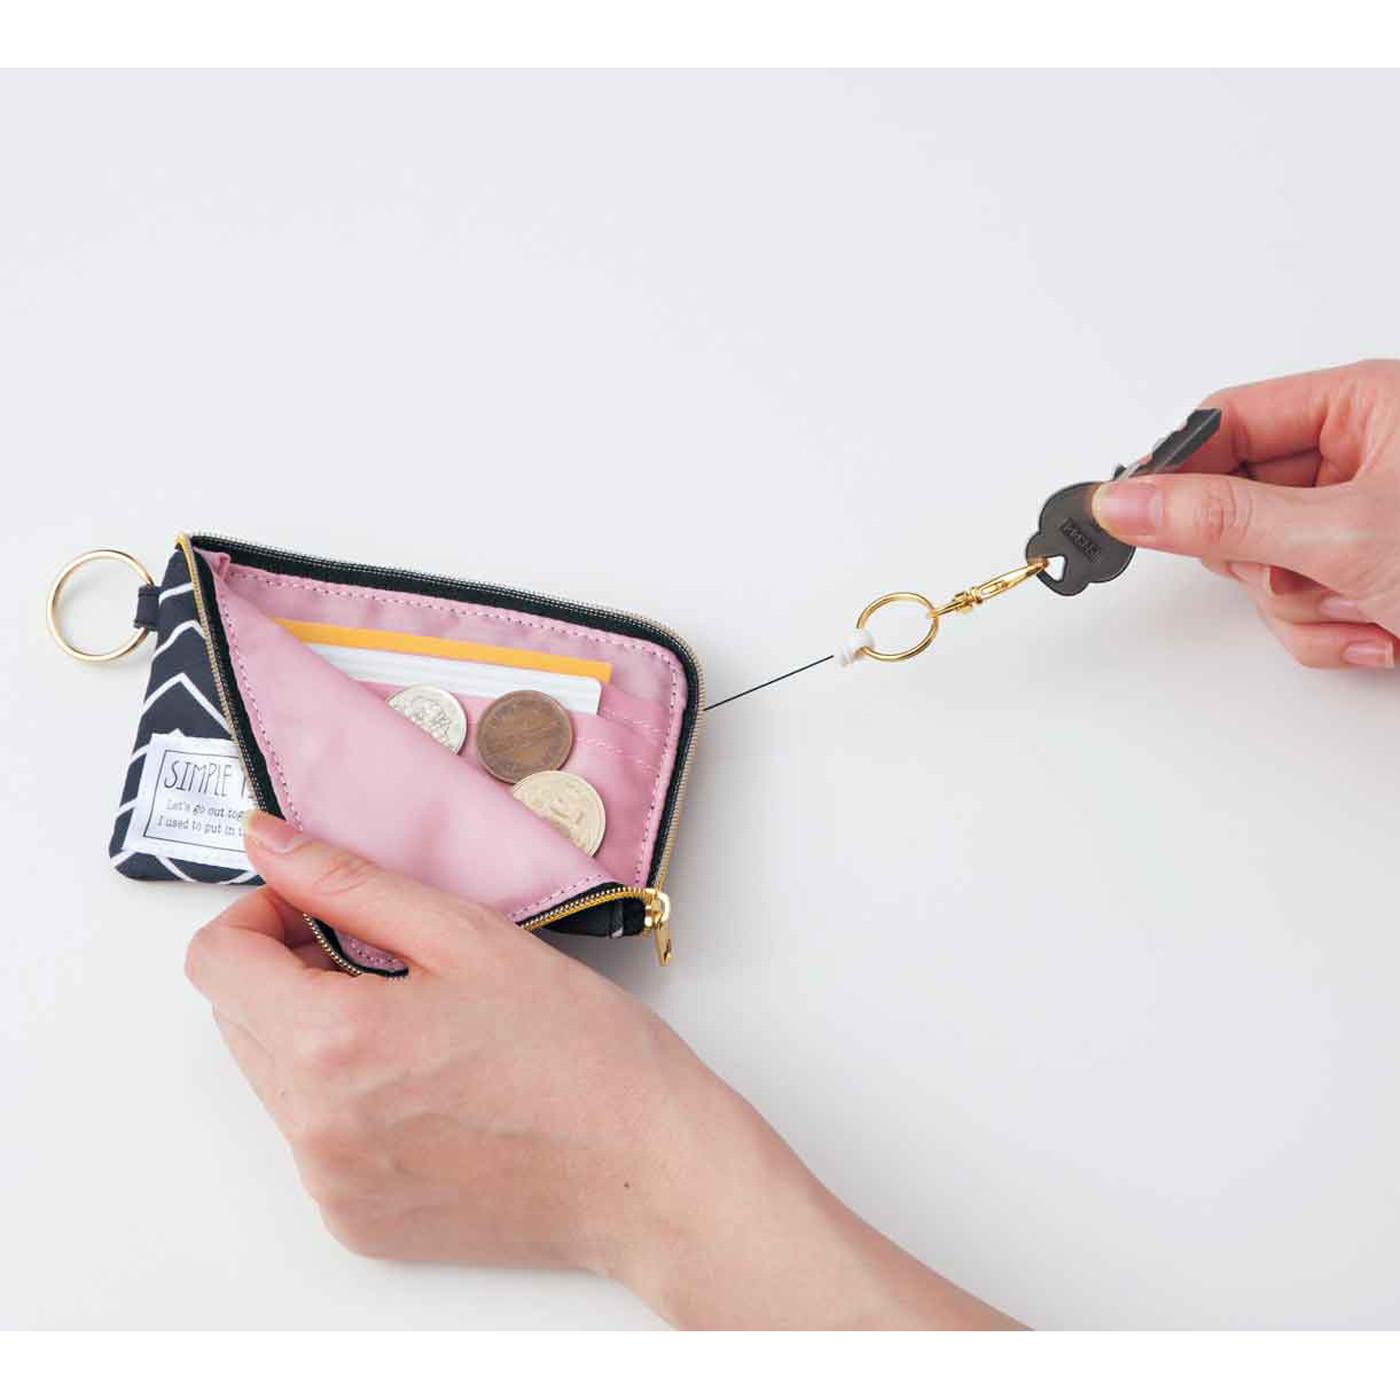 タイプ11:シュルッと伸びるリール付き。かぎをシュルッと出せて、小銭やICカードが一緒に入れられるポーチ。